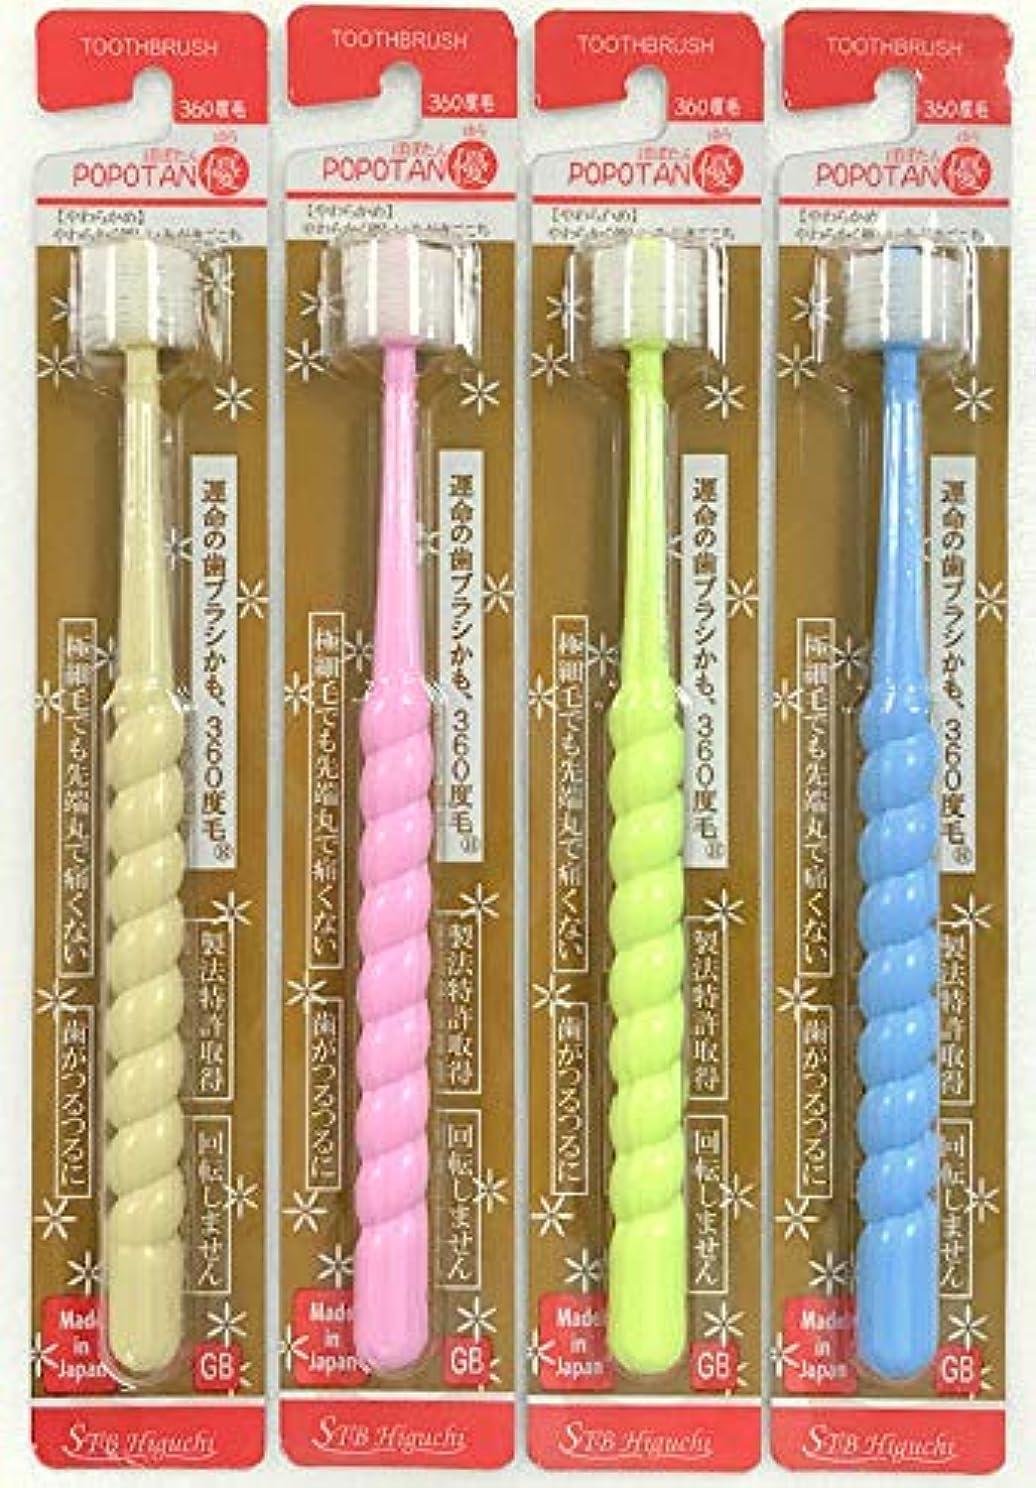 省略ミシンパニック360度歯ブラシ 360do度毛歯ブラシ POPOTAN ぽぽたん 優(カラーは1色おまかせ)